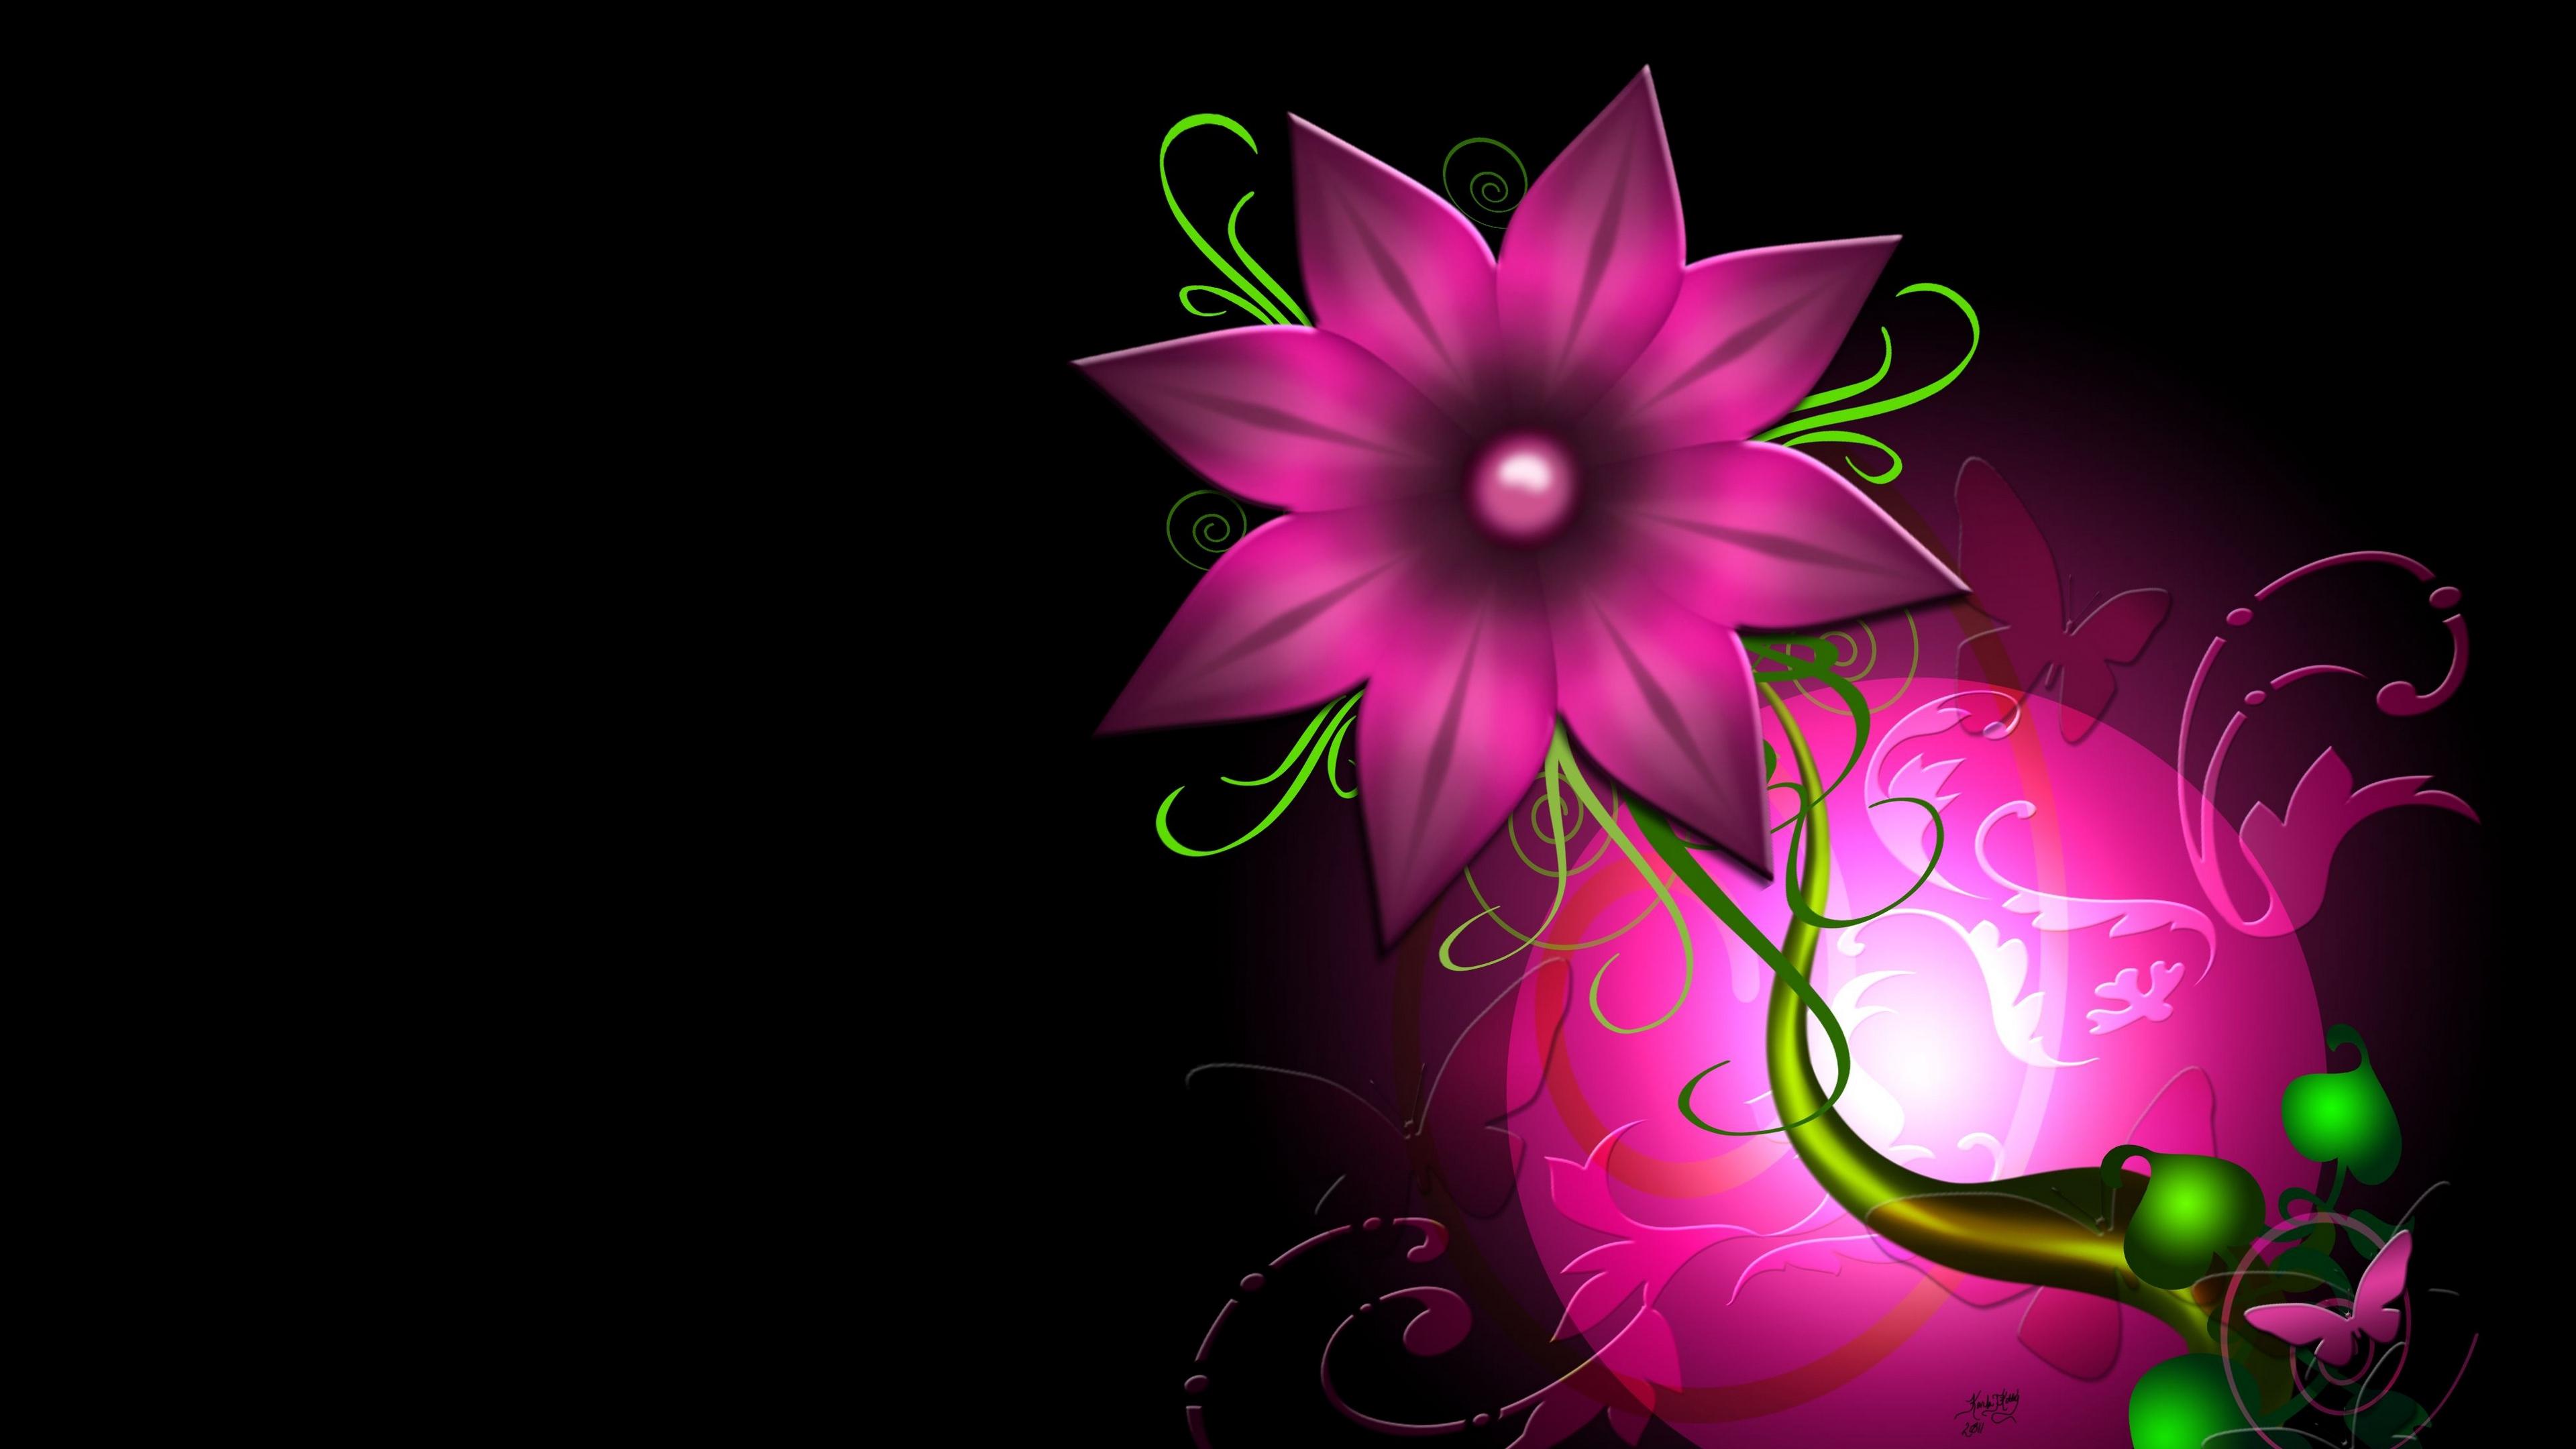 flower light leaf circle background 4k 1539369641 - flower, light, leaf, circle, background 4k - Light, leaf, flower